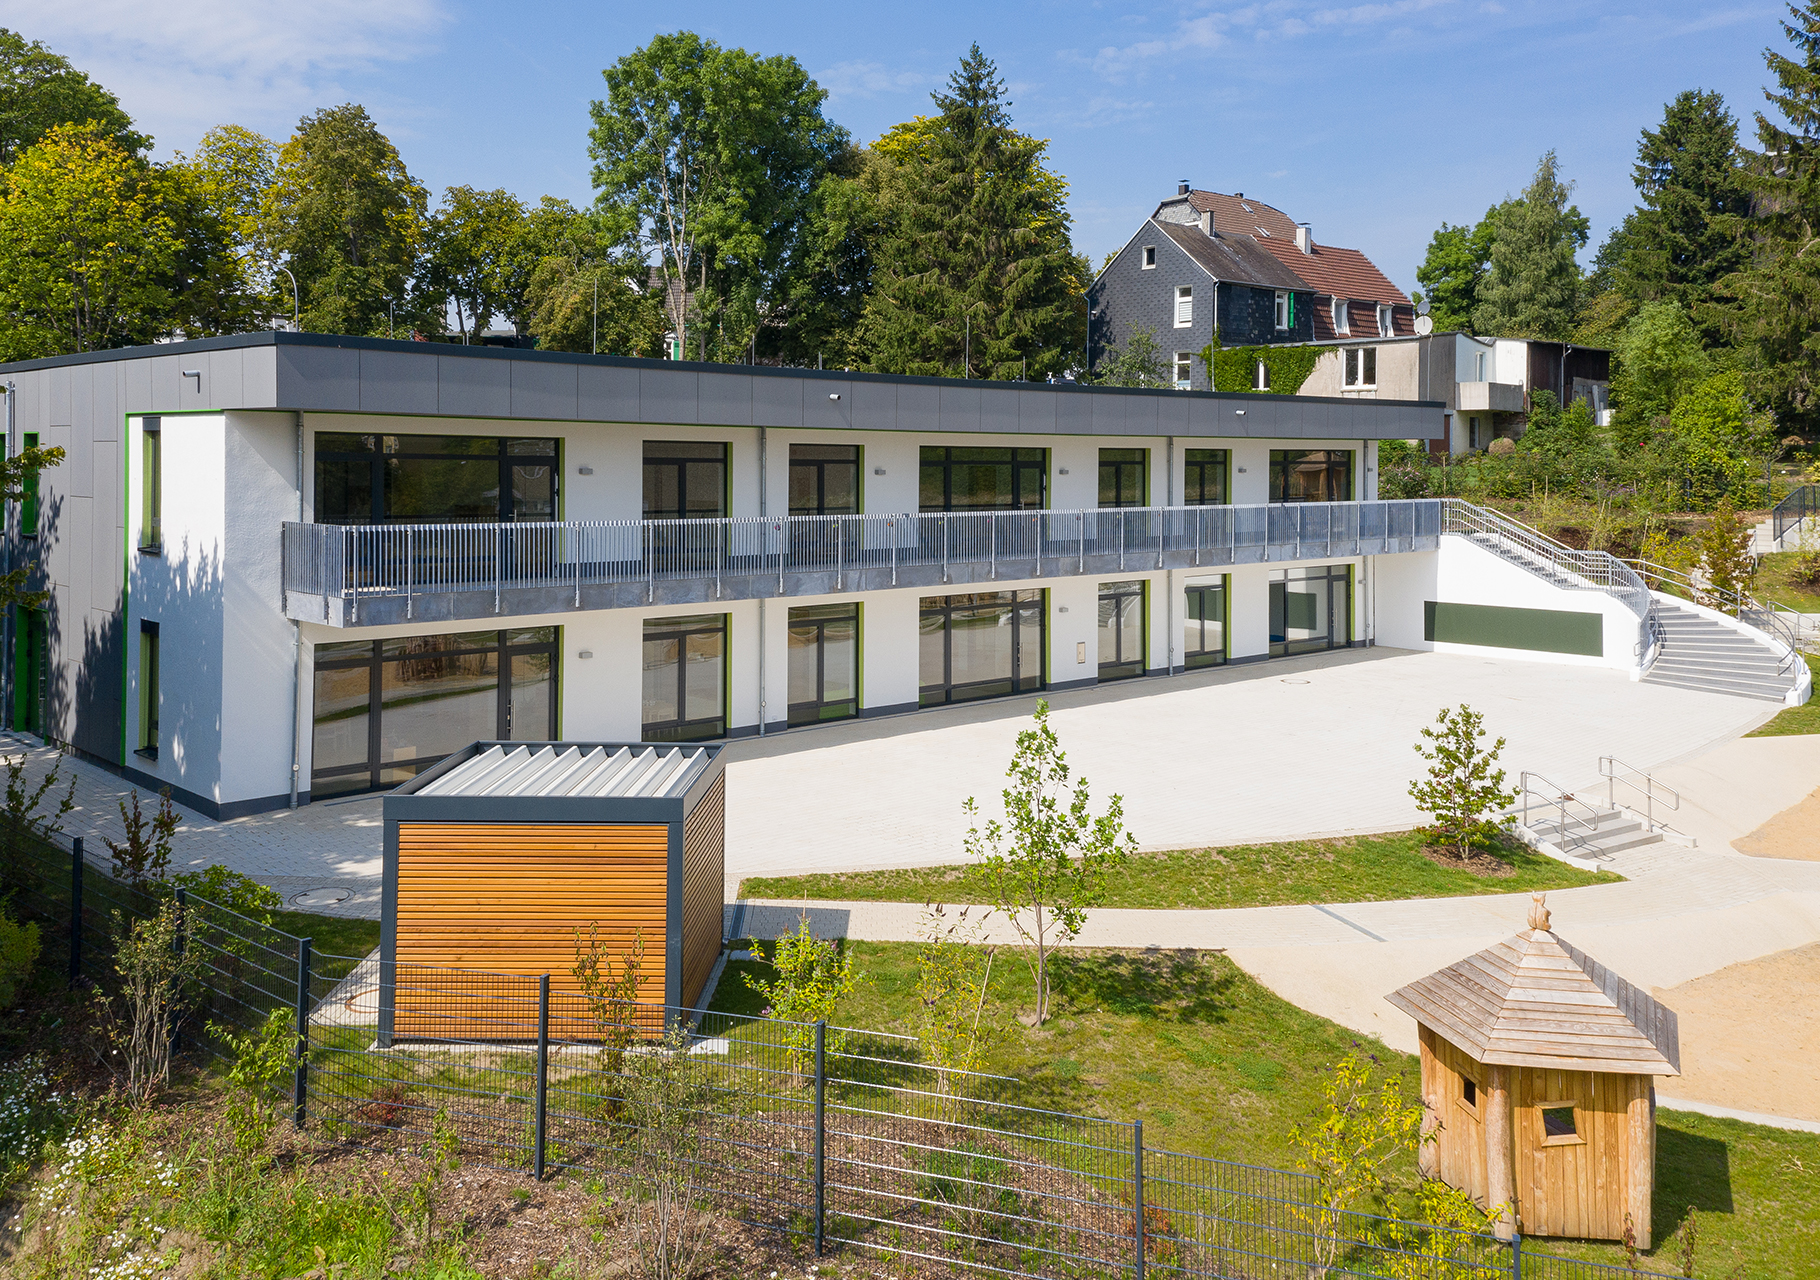 Neubau der Kindertagesstätte Hatzfelder Straße Wuppertal